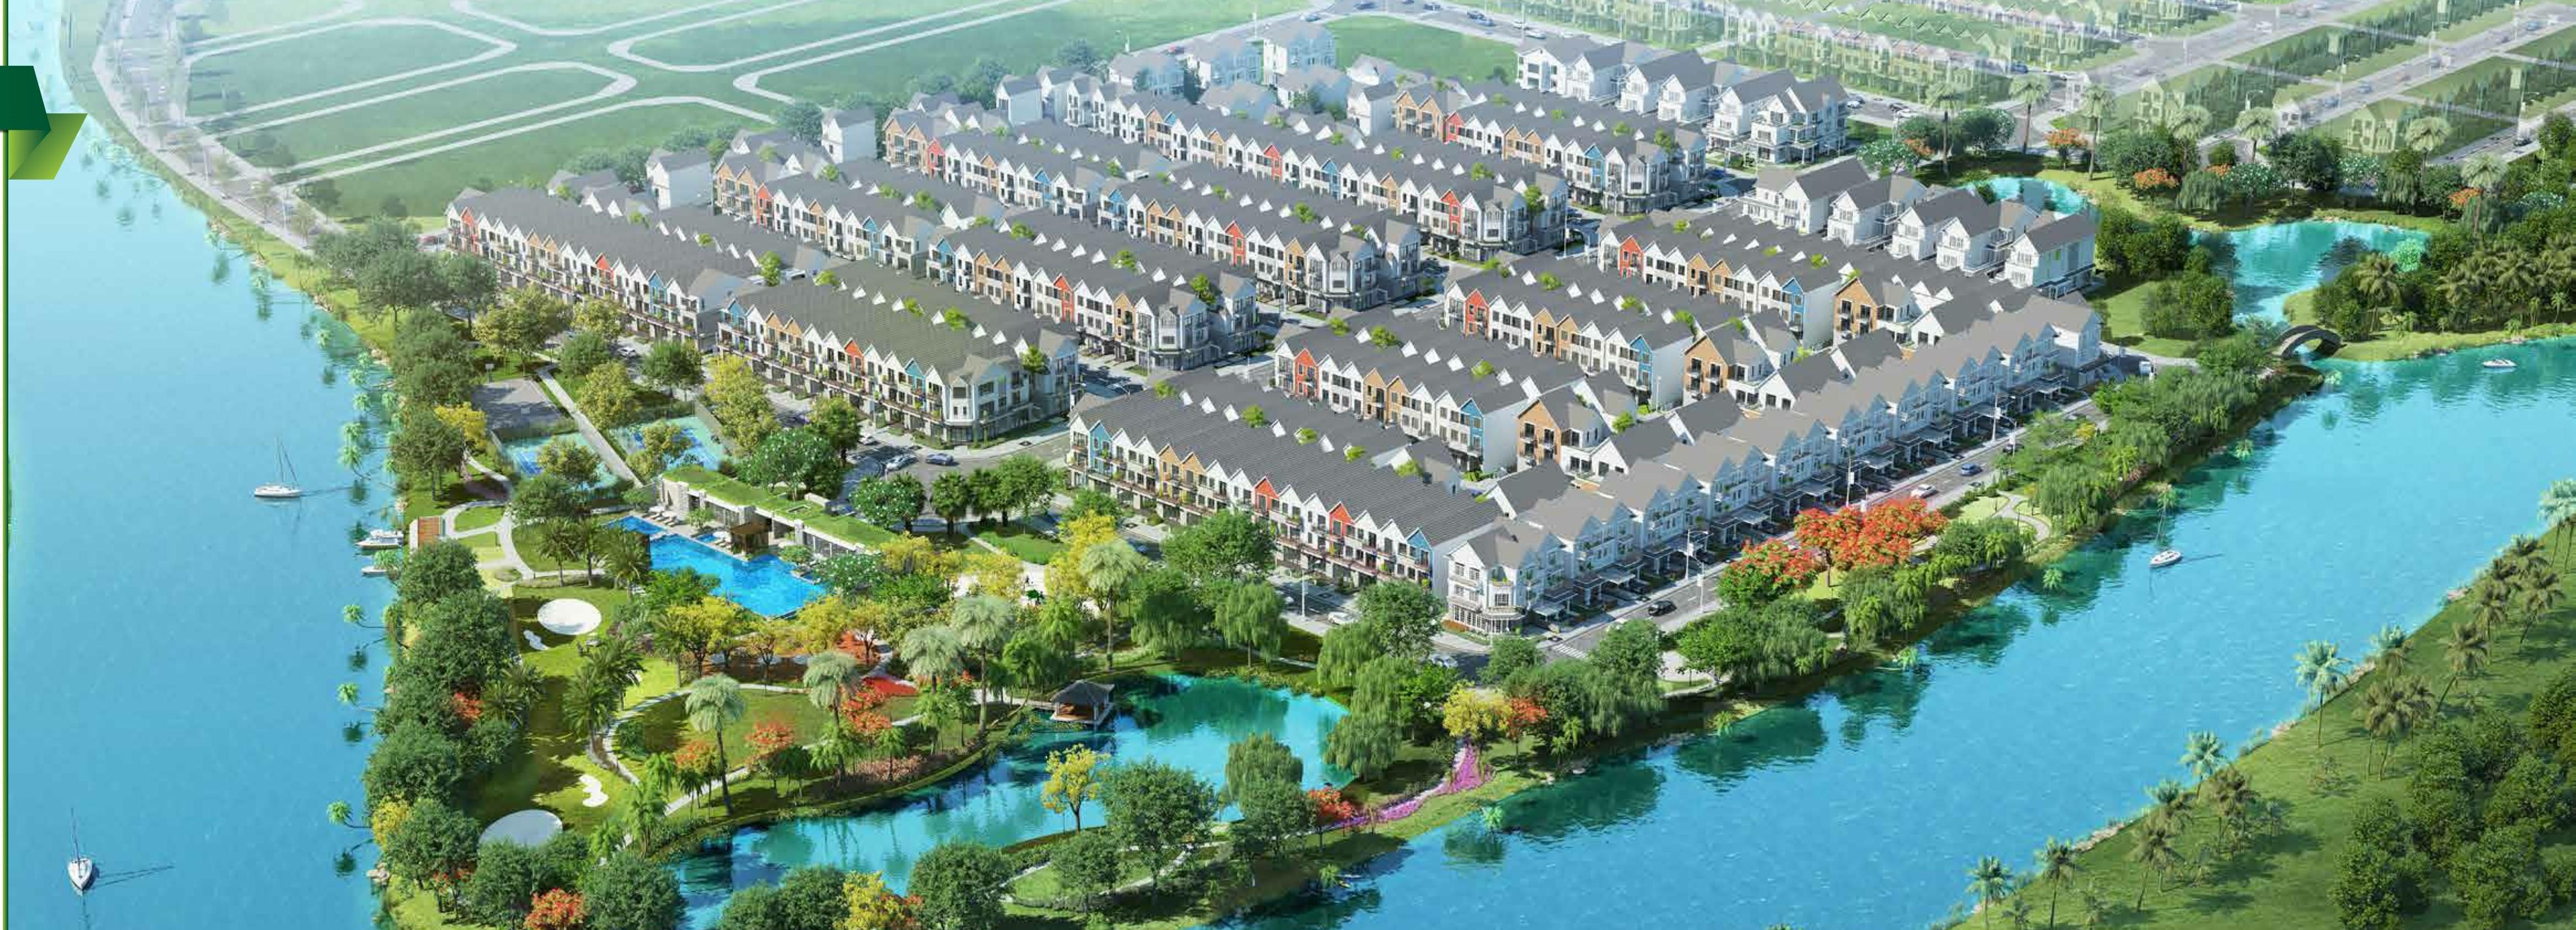 Cách đầu tư dự án Biệt thự Lucasta Khang Điền đáng tin cậy tại quận 7